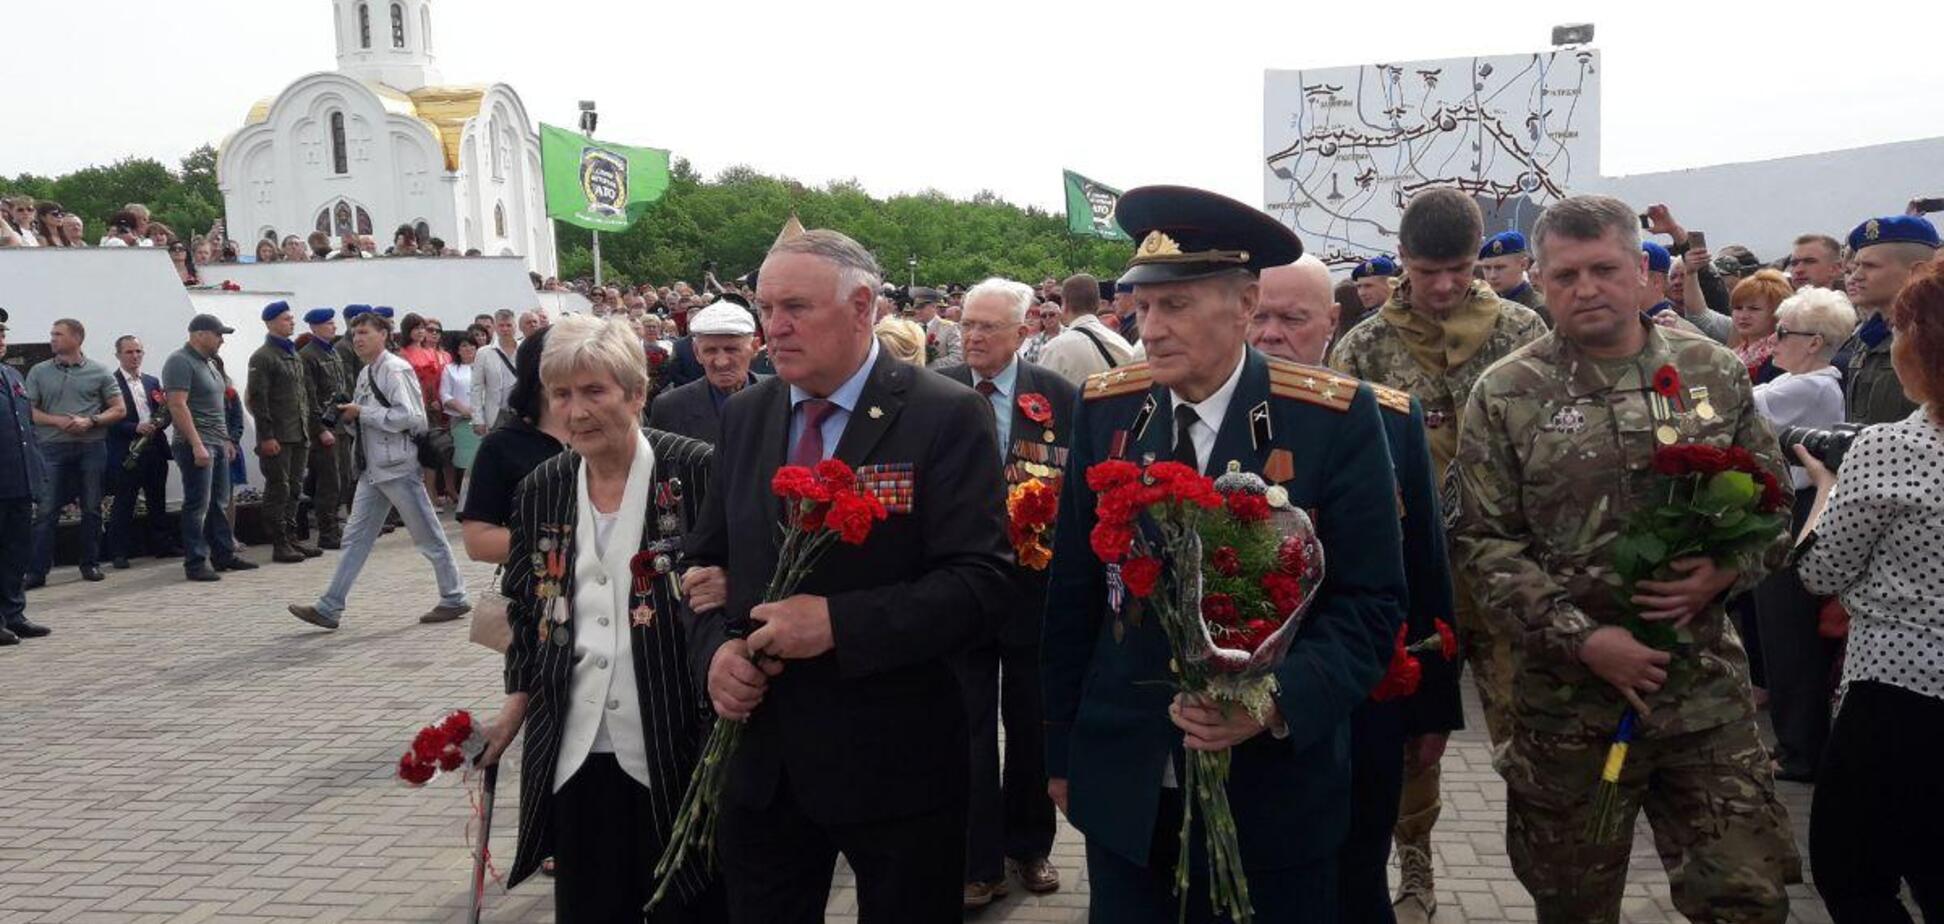 Ветераны Второй мировой и воины АТО отмечают День Победы вместе - глава ХОГА Светличная